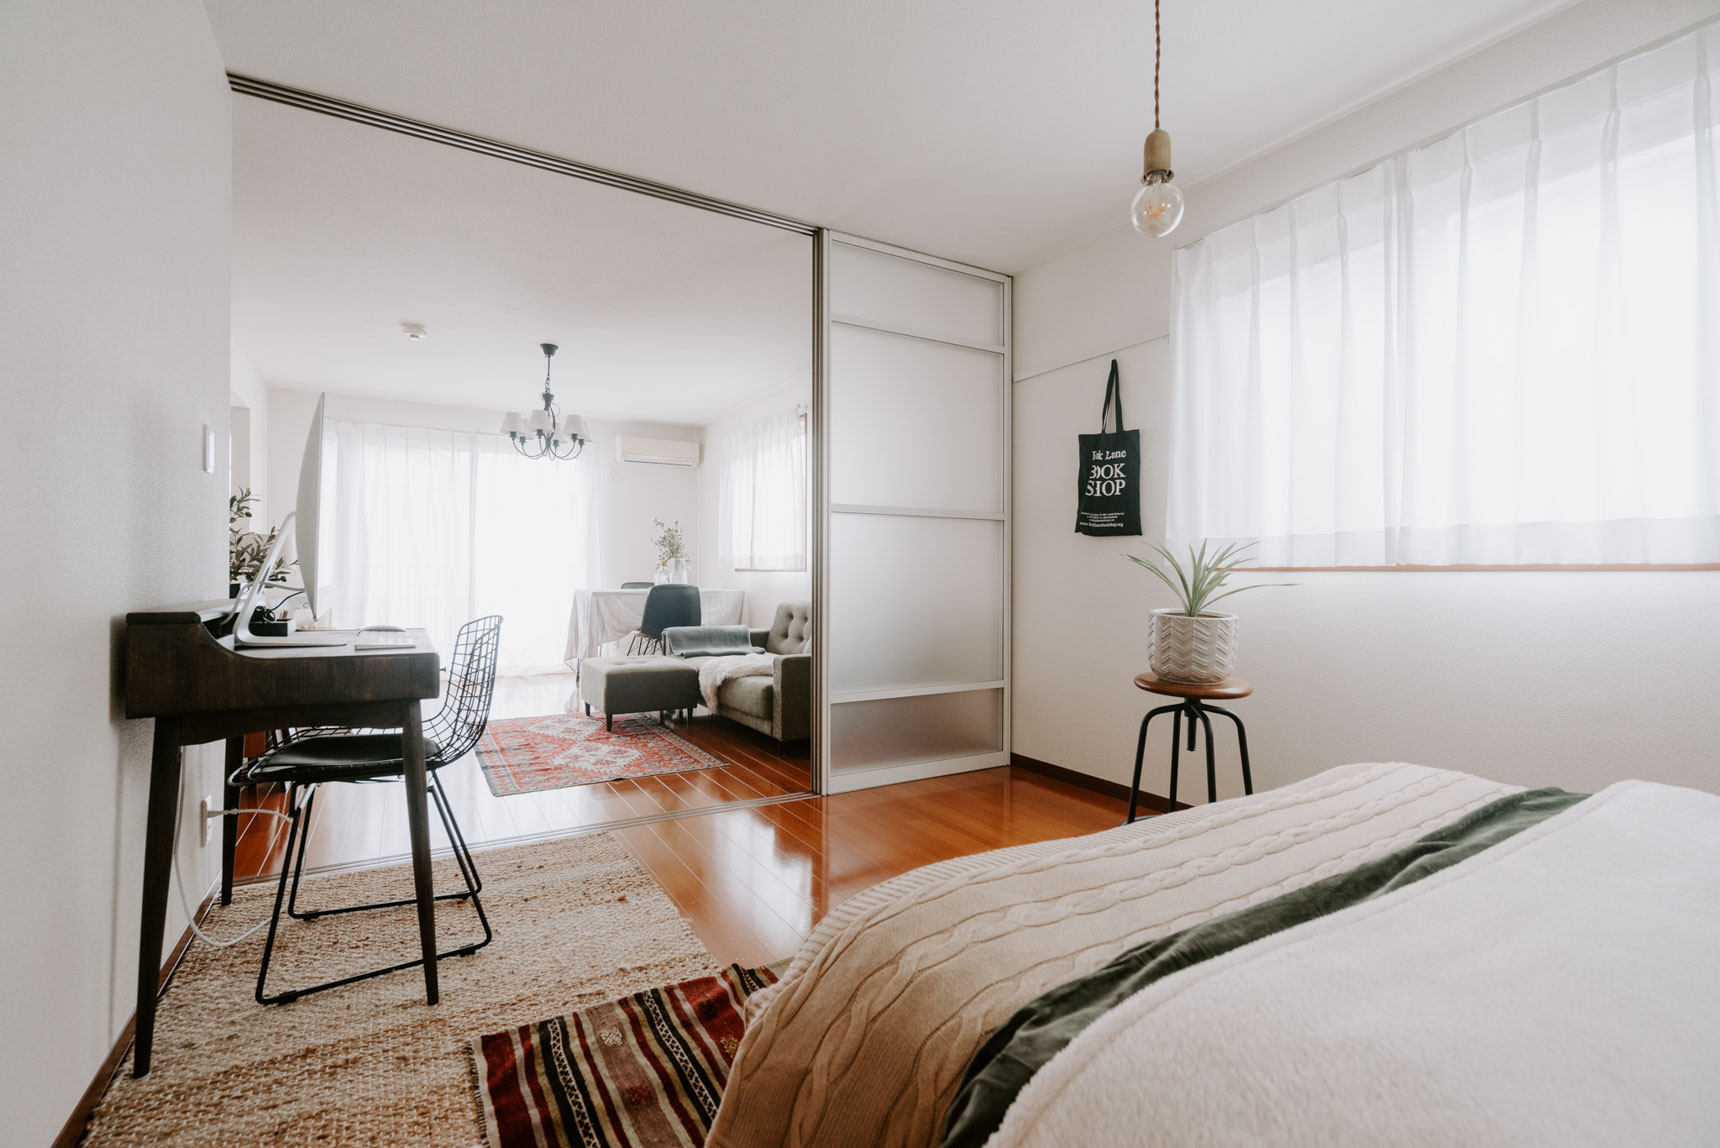 部屋の広さは、リビングが13畳、ベッドルームが7畳ほど。リビングとの間の引き戸も普段から開けているため、より広く見えますね